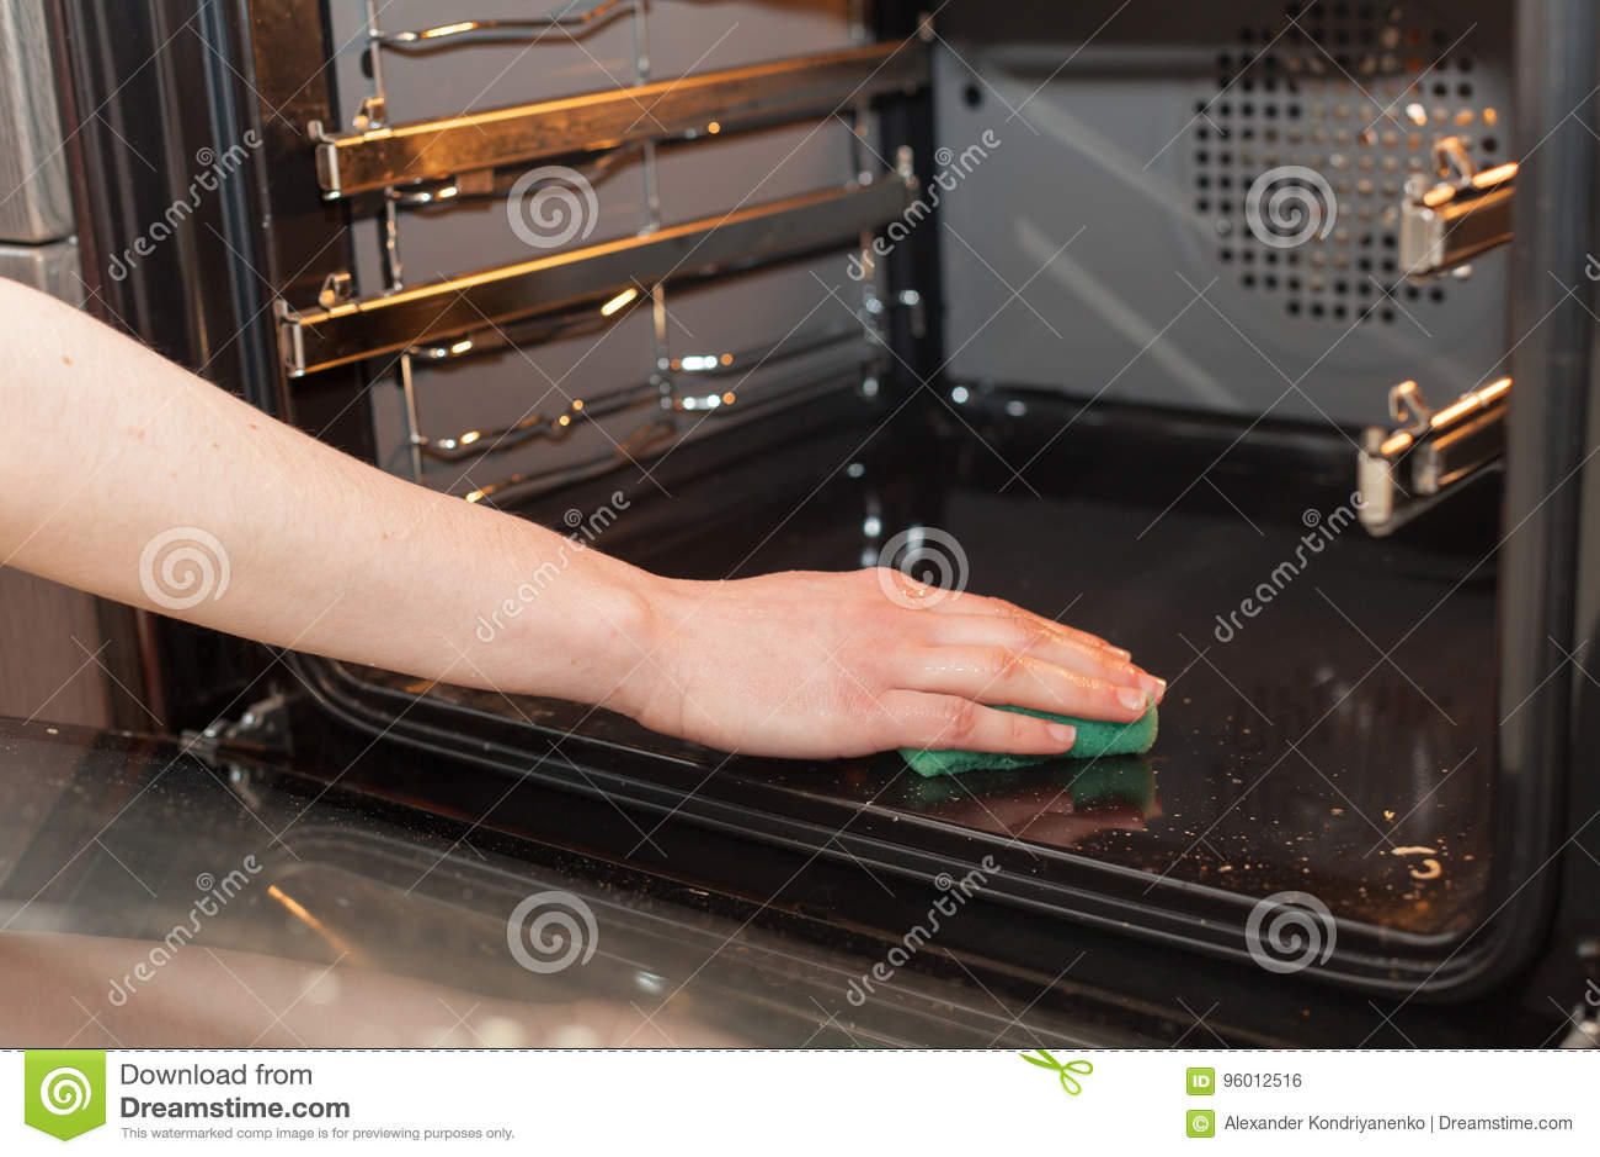 家事和家务概念 洗刷火炉和烤箱 有清洗厨房烤箱的绿色海绵的女性手